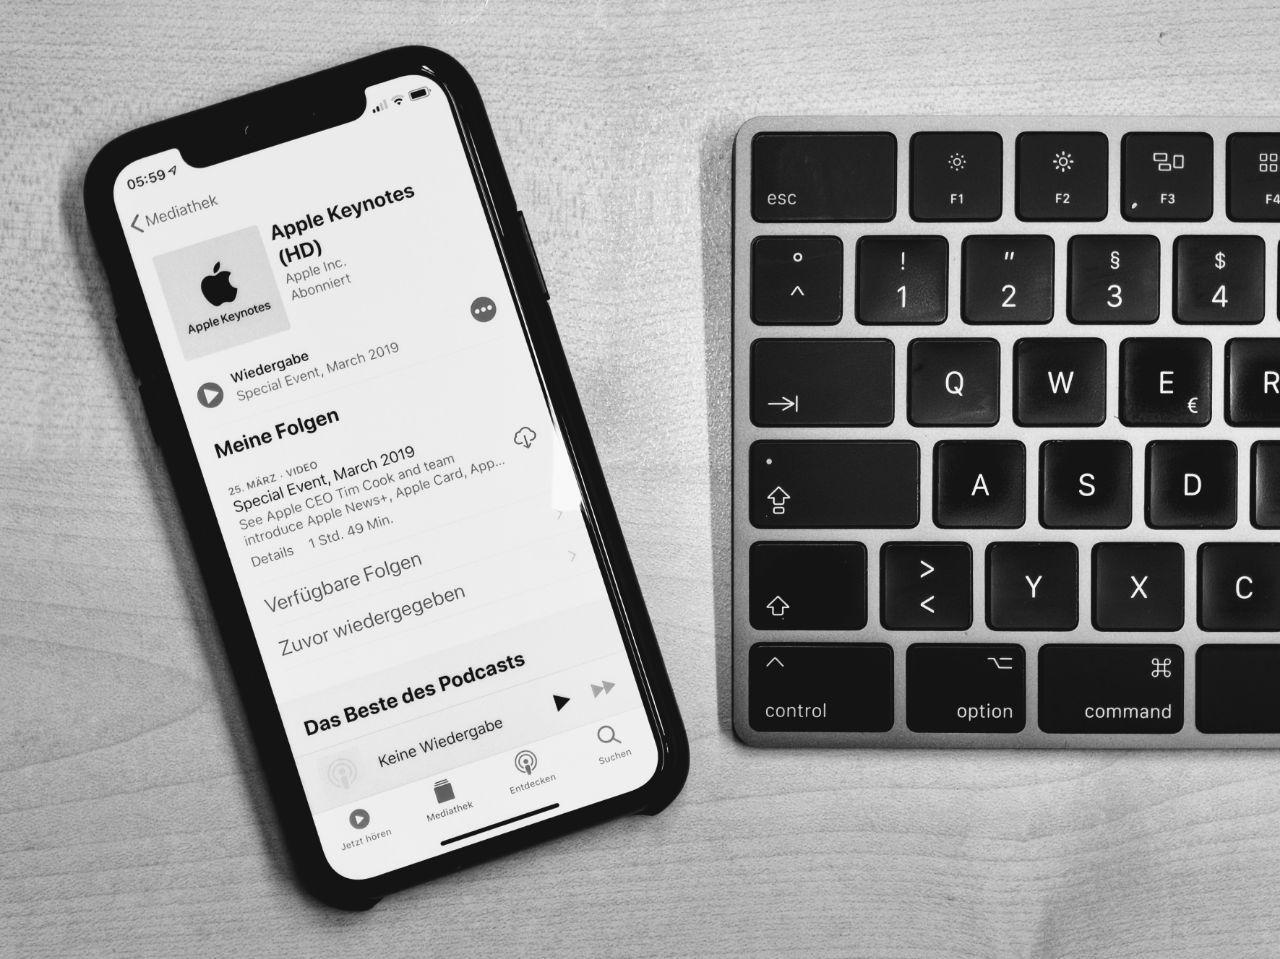 Apple Podcast-Seite bestätigt separate App für Podcasts